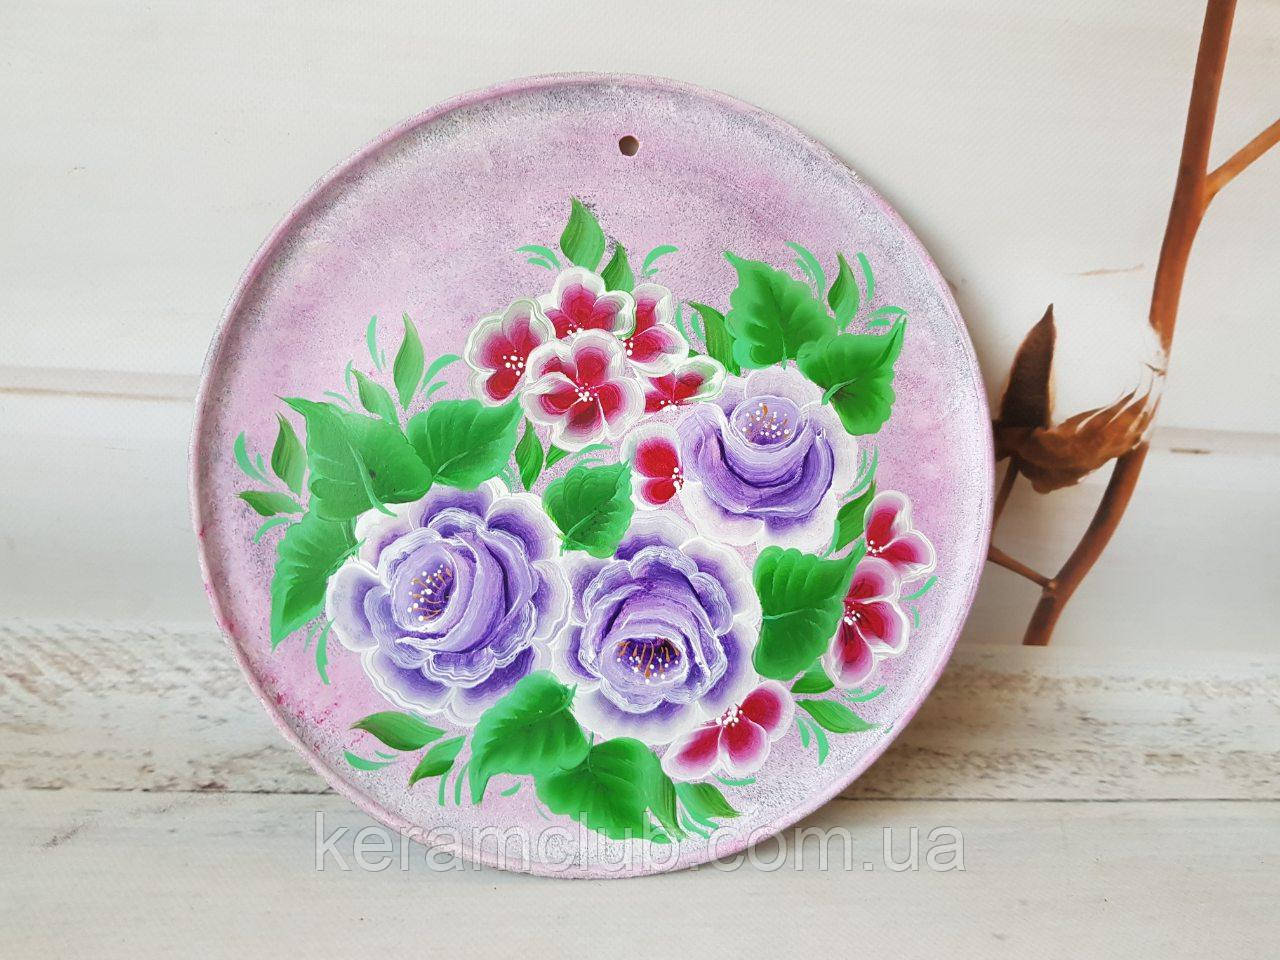 Настенное панно с ручной росписью